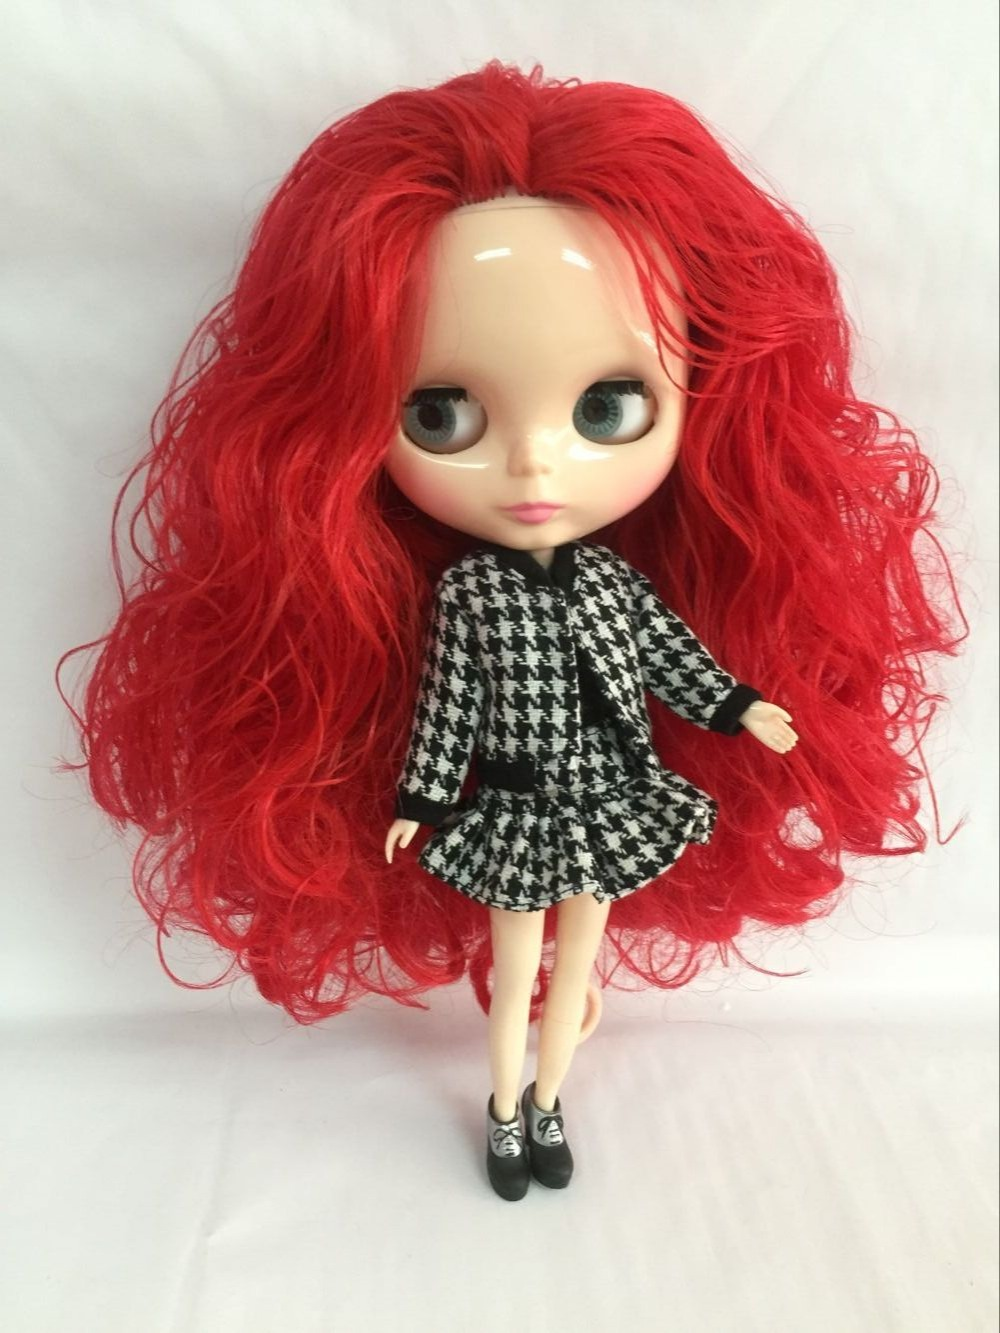 ヌードブライス人形赤髪大きな目の人形、ファッション人形gan ei25iwe(China